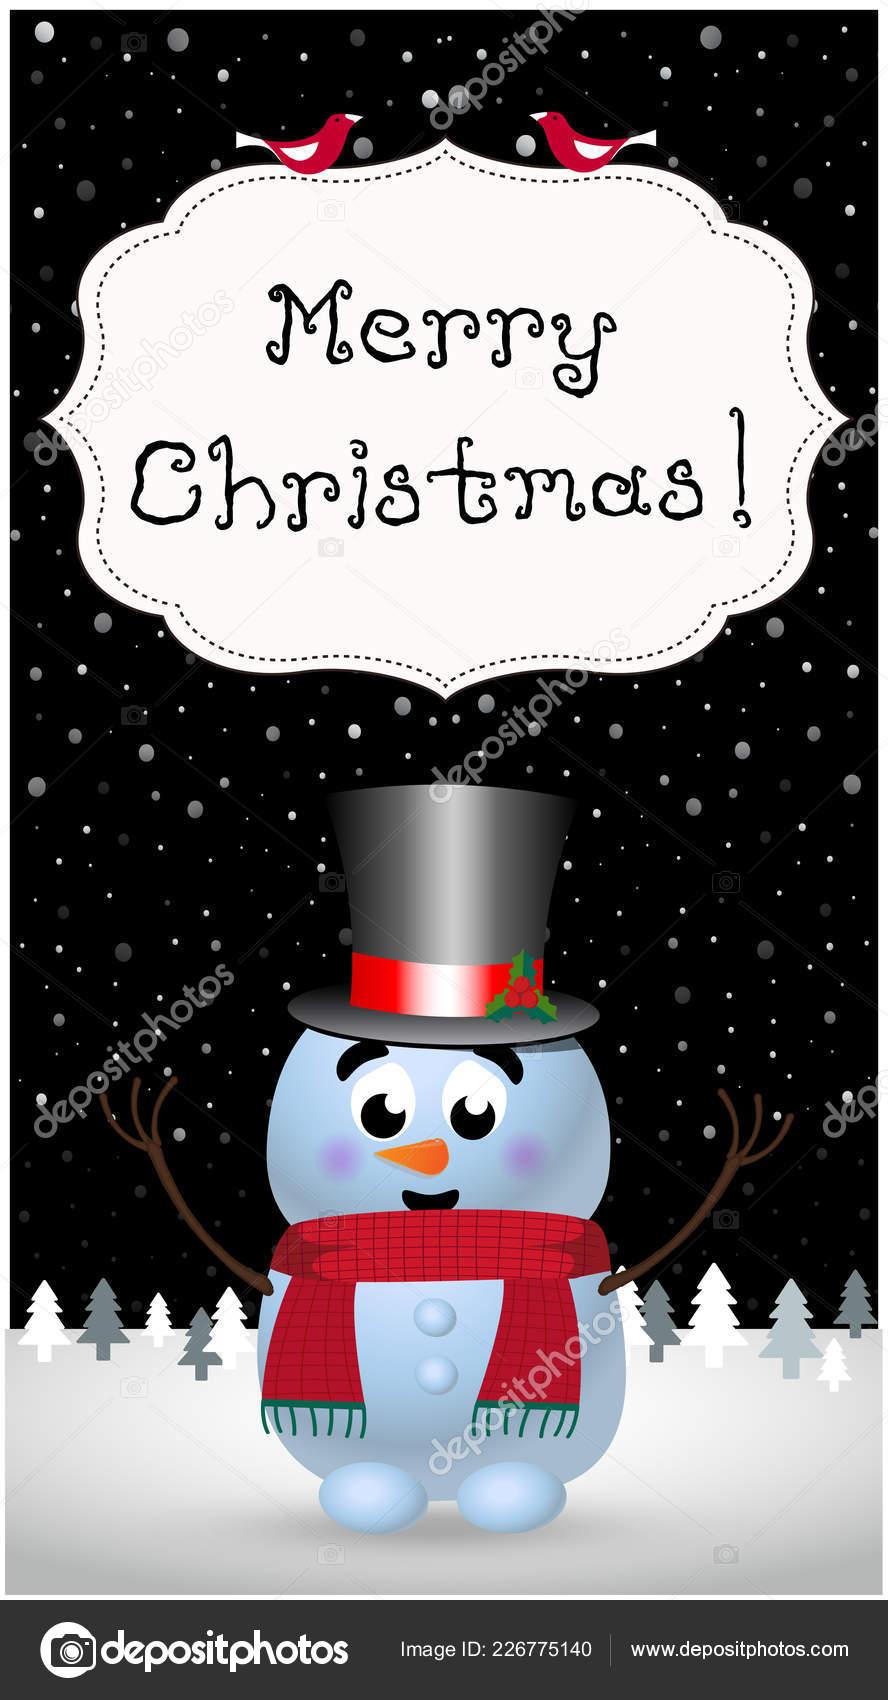 Merry Christmas Greeting Card Cute Cartoon Cheerful Snowman ...